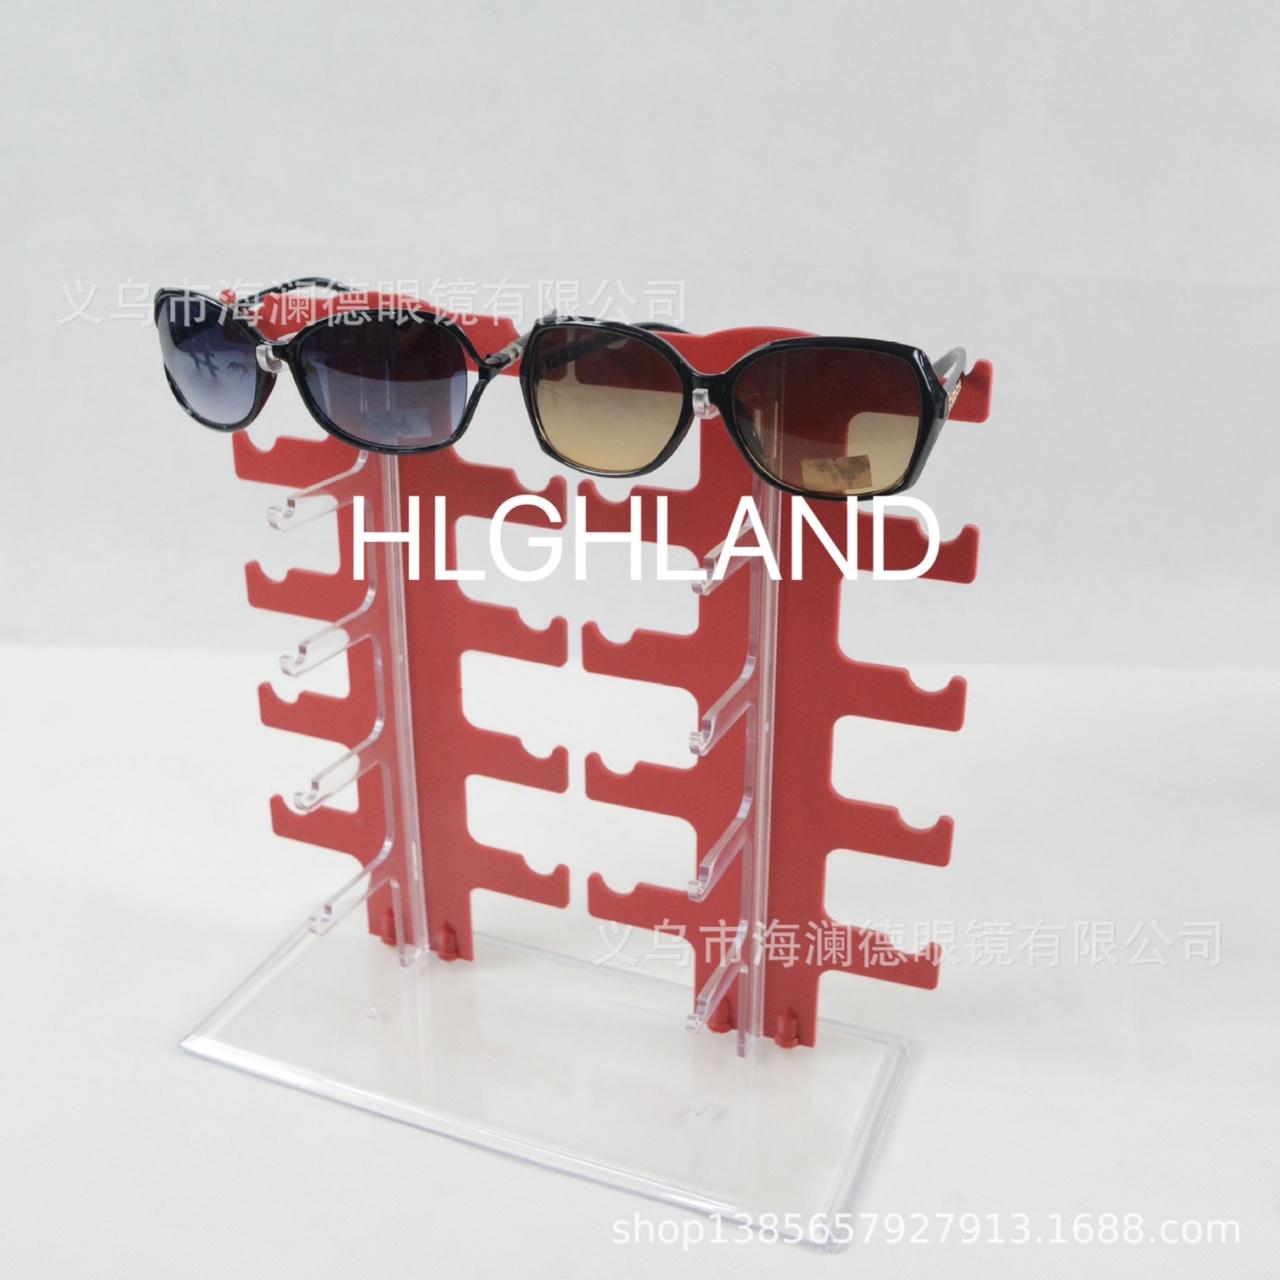 海澜德工厂直销 亚克力架塑料眼镜架